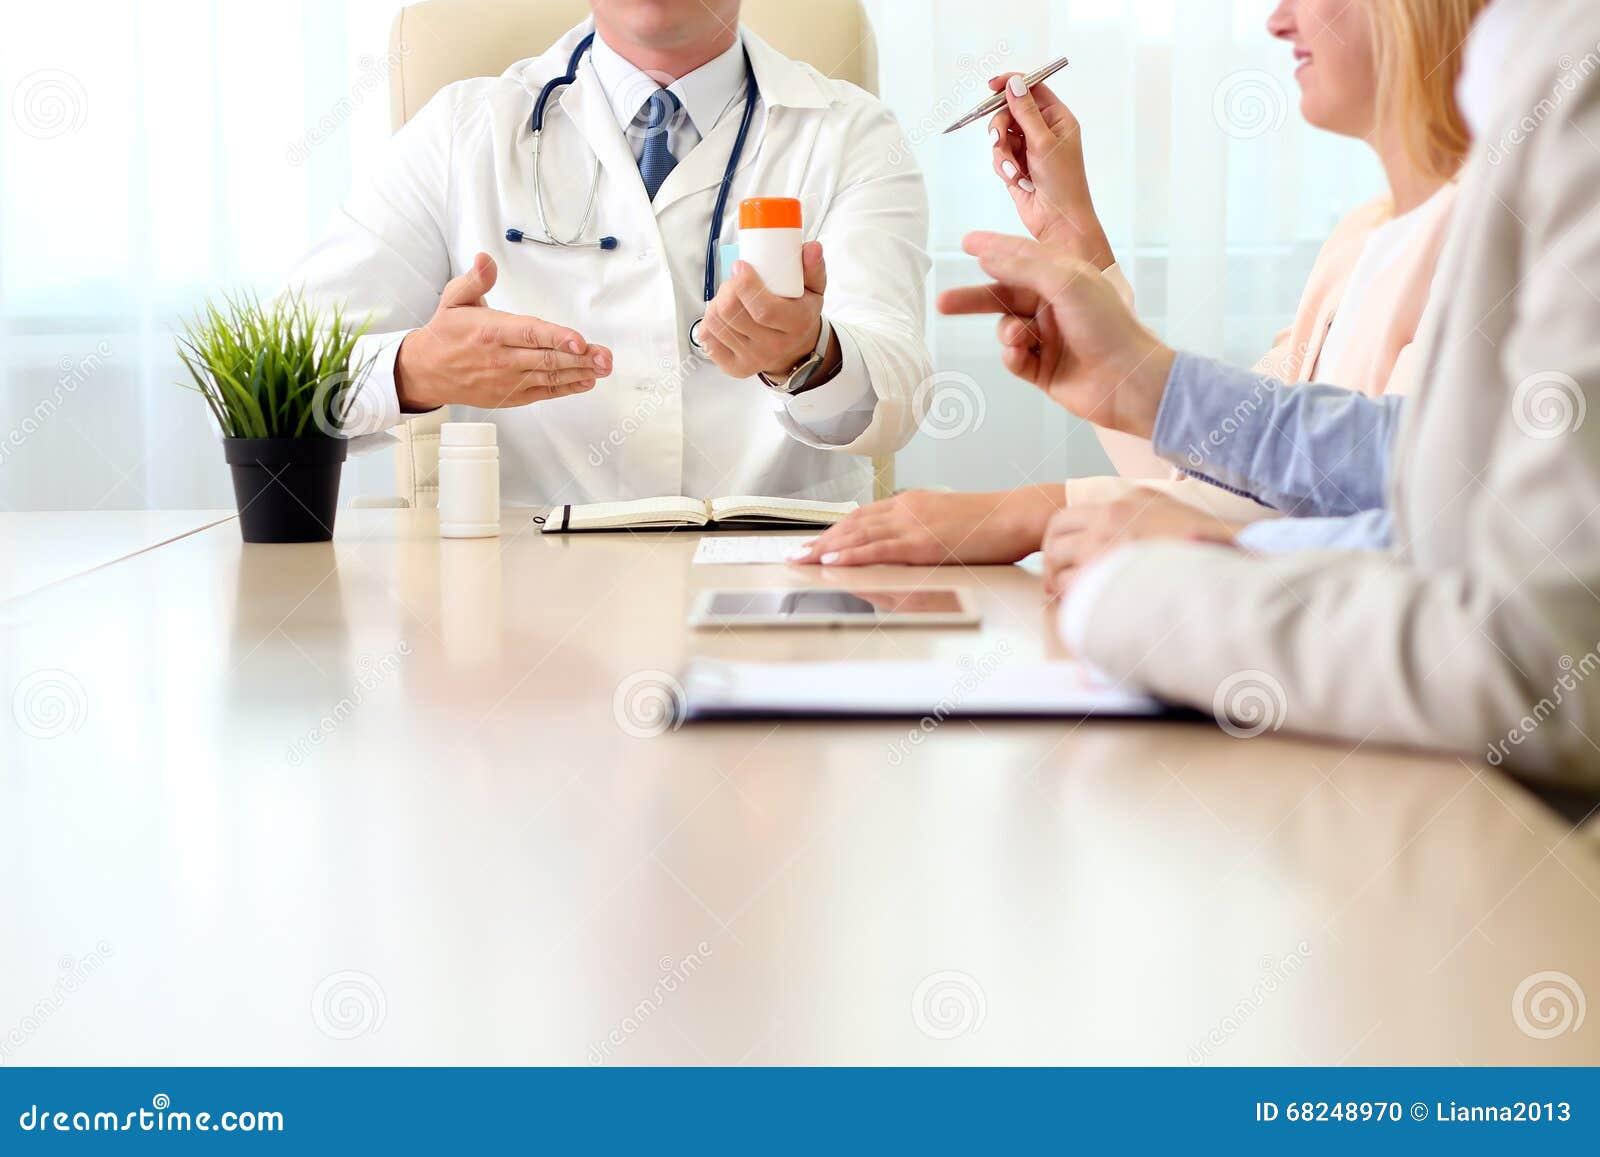 Sjukhuset, det medicinska utbildnings-, hälsovård-, folk- och medicinbegreppet - manipulera visningmeds till gruppen av lyckliga